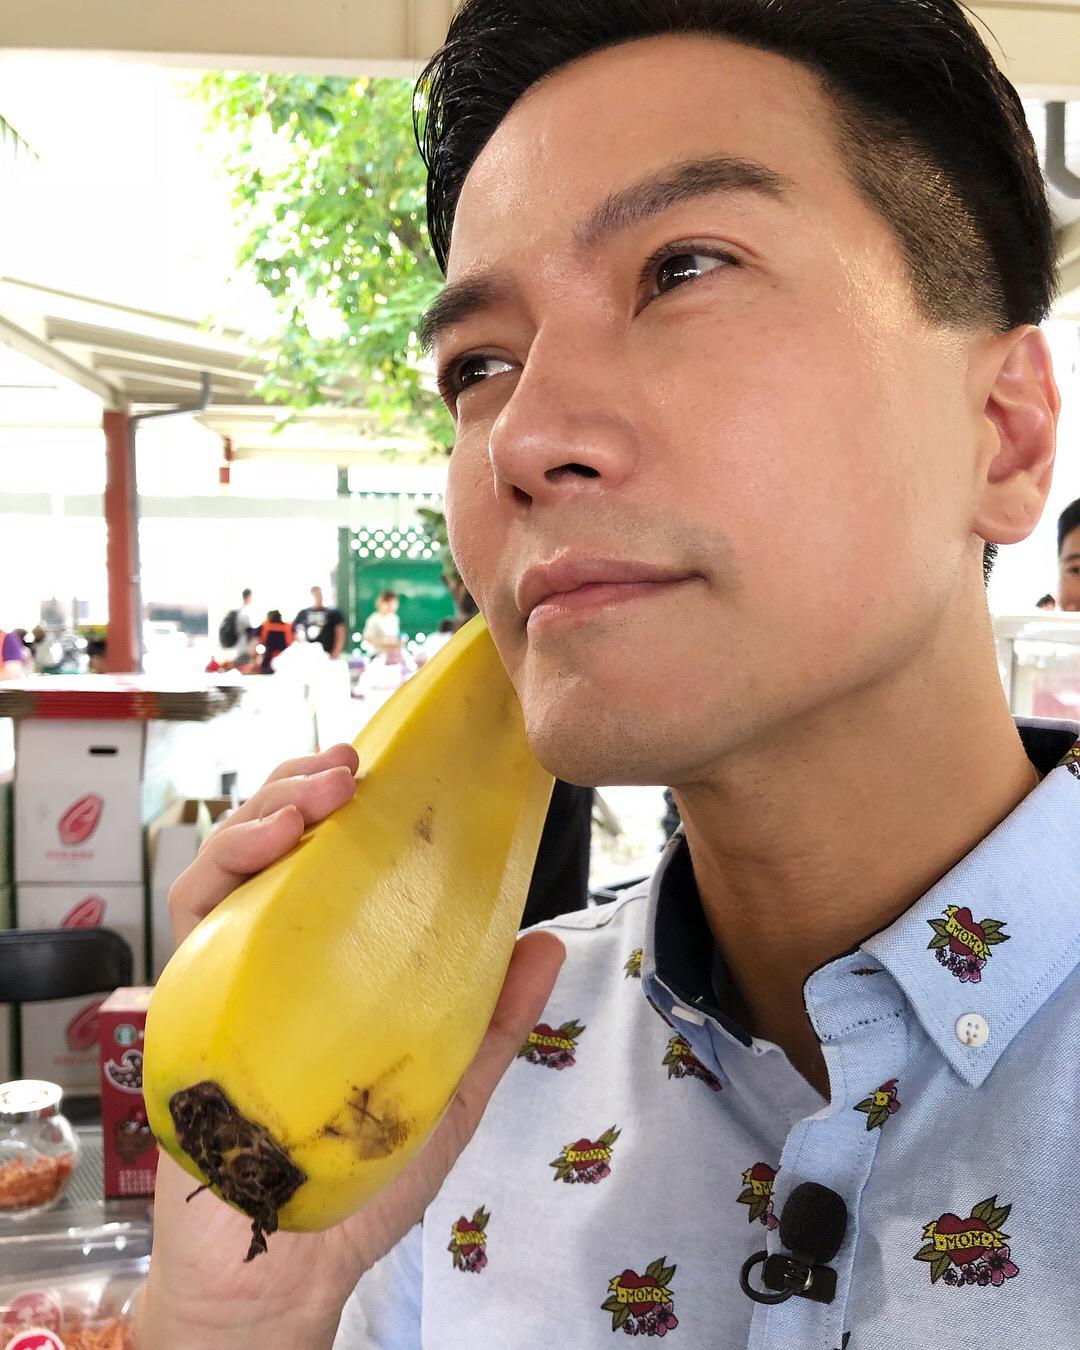 蘋果手機用得多,「香蕉手機」見過未!?